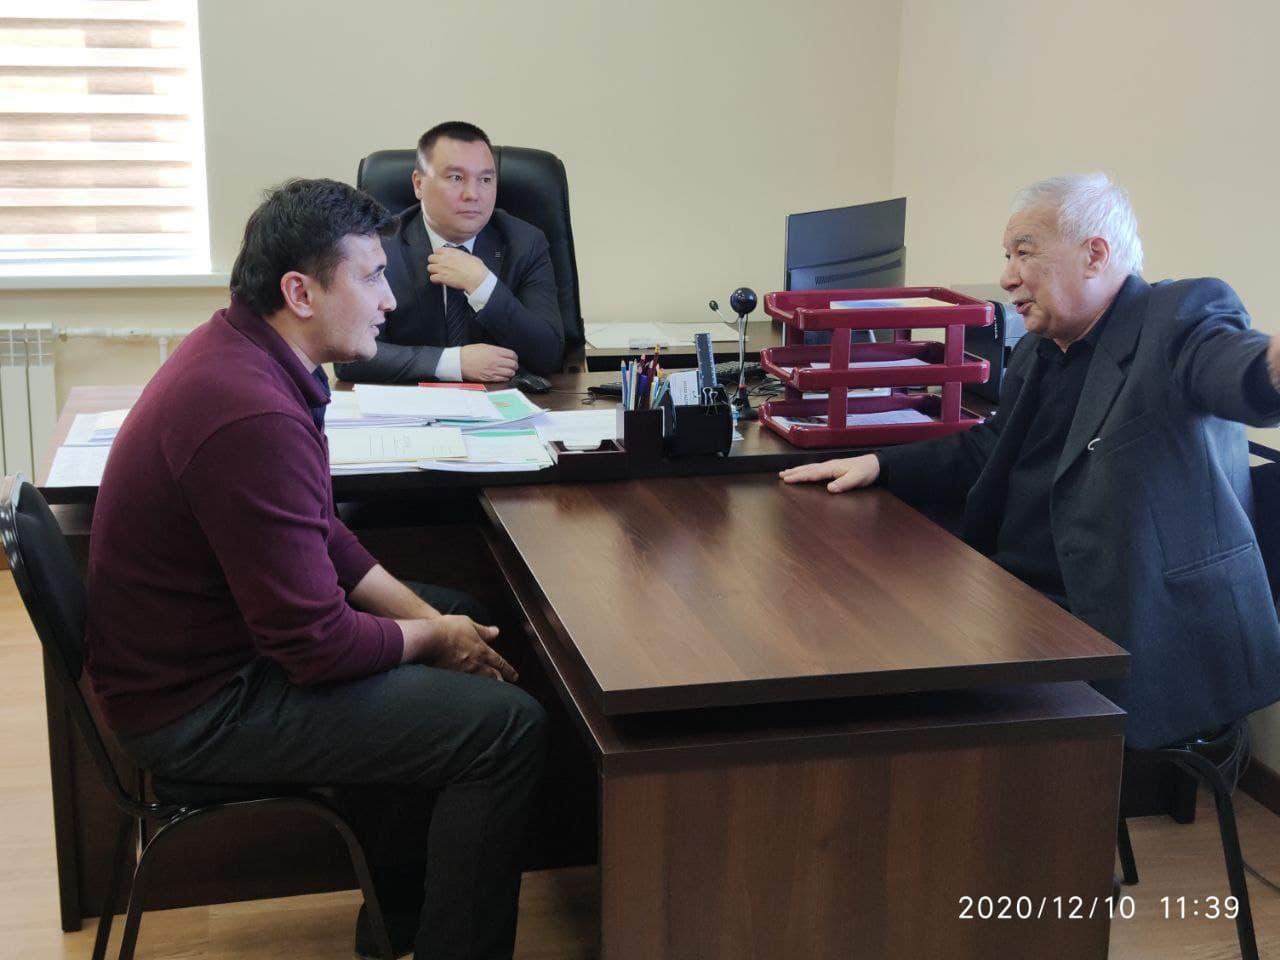 Прошла встреча представителей Федерации регби Узбекистана и Государственного университета физической культуры и спорта.